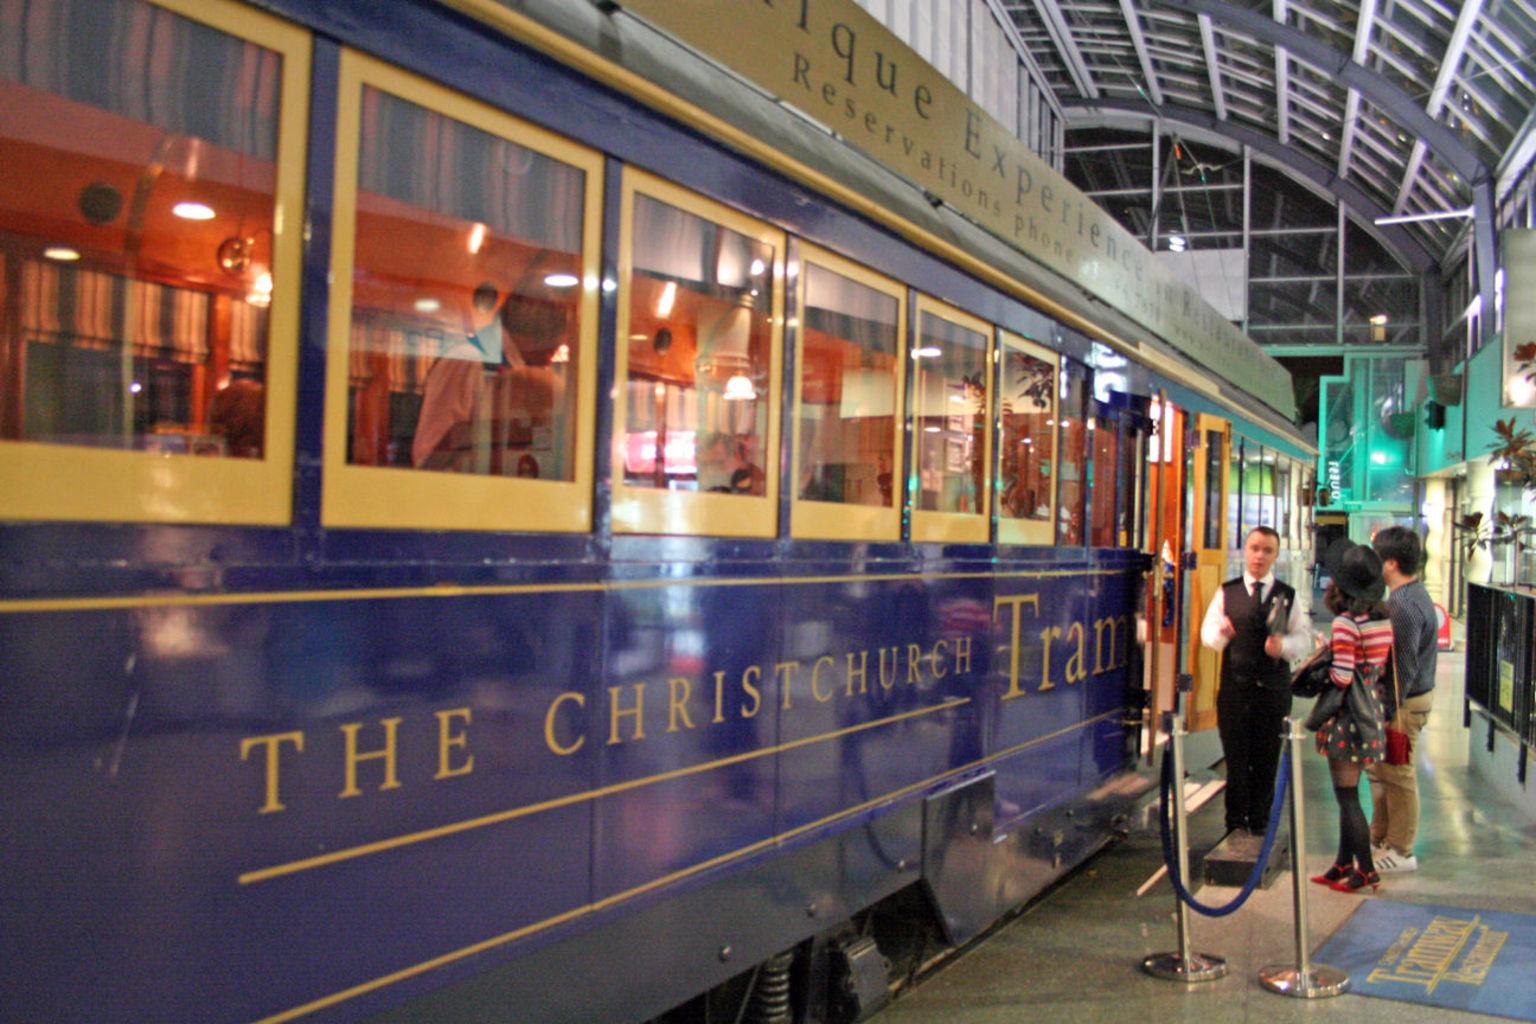 MÁS FOTOS, Recorrido con cena en Tramway Restaurant en Christchurch